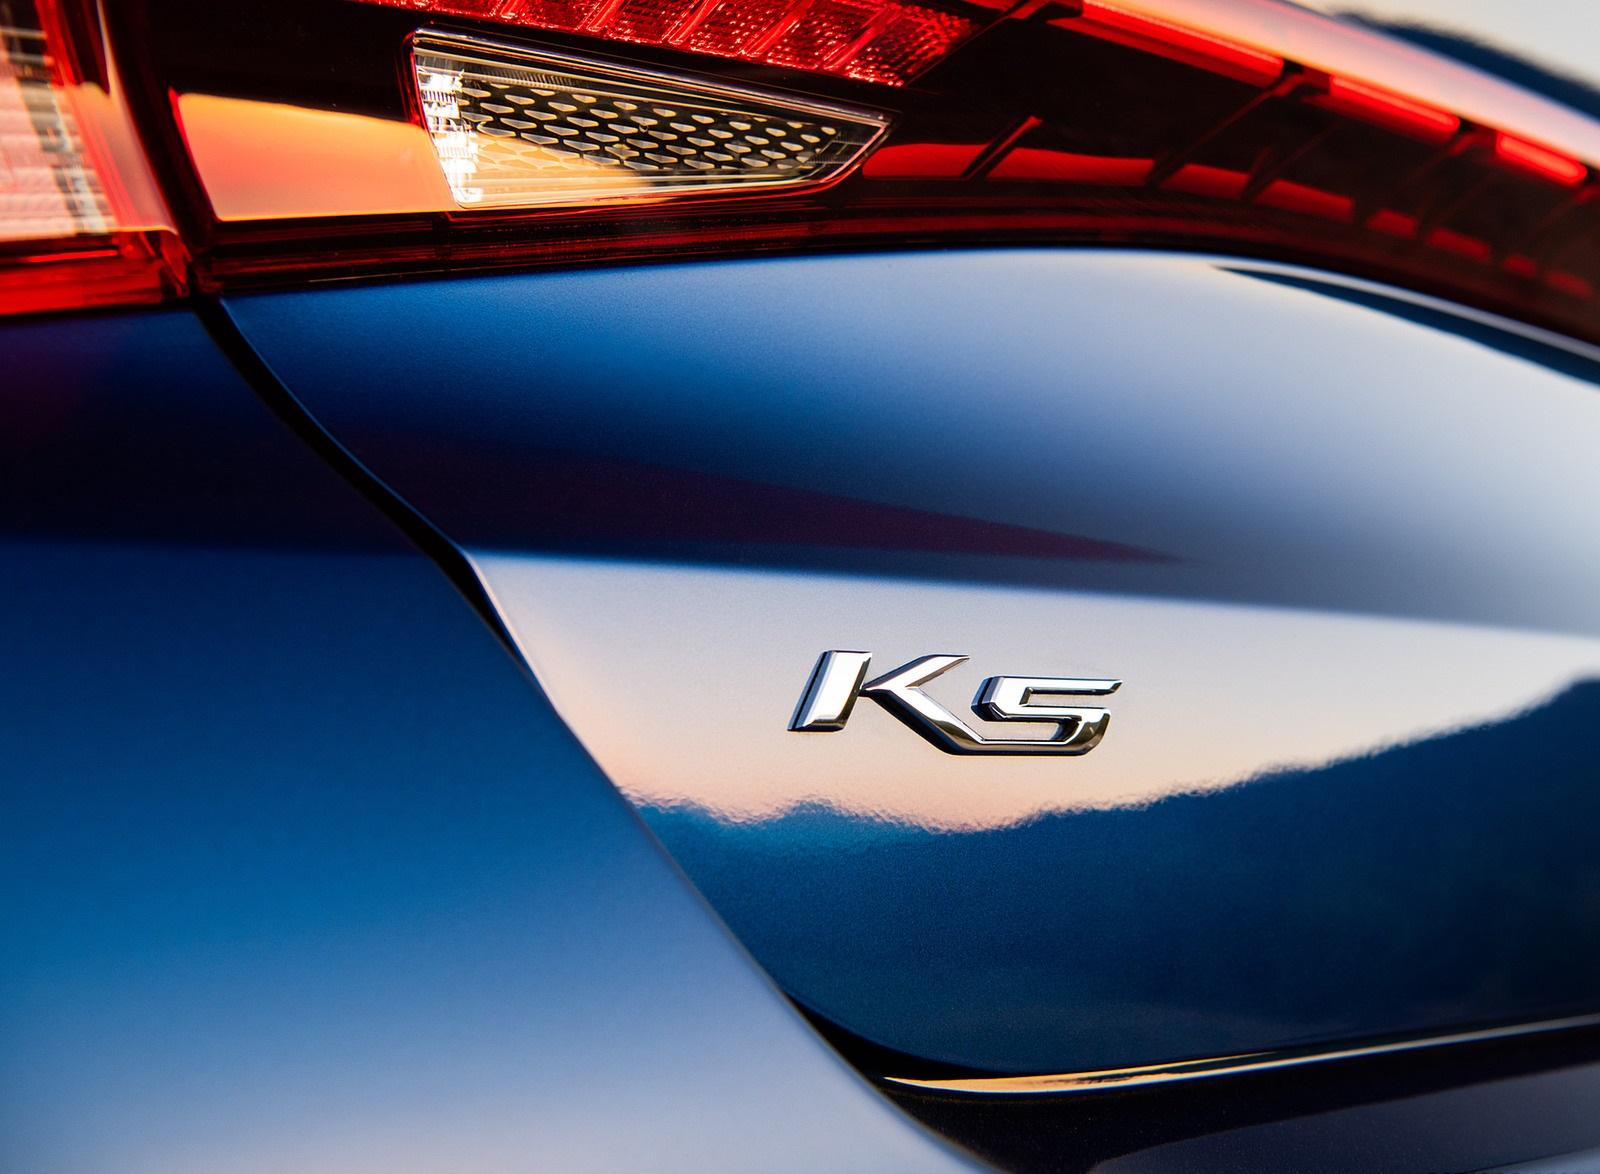 2021 Kia K5 GT-Line 1.6T FWD Badge Wallpapers (10)